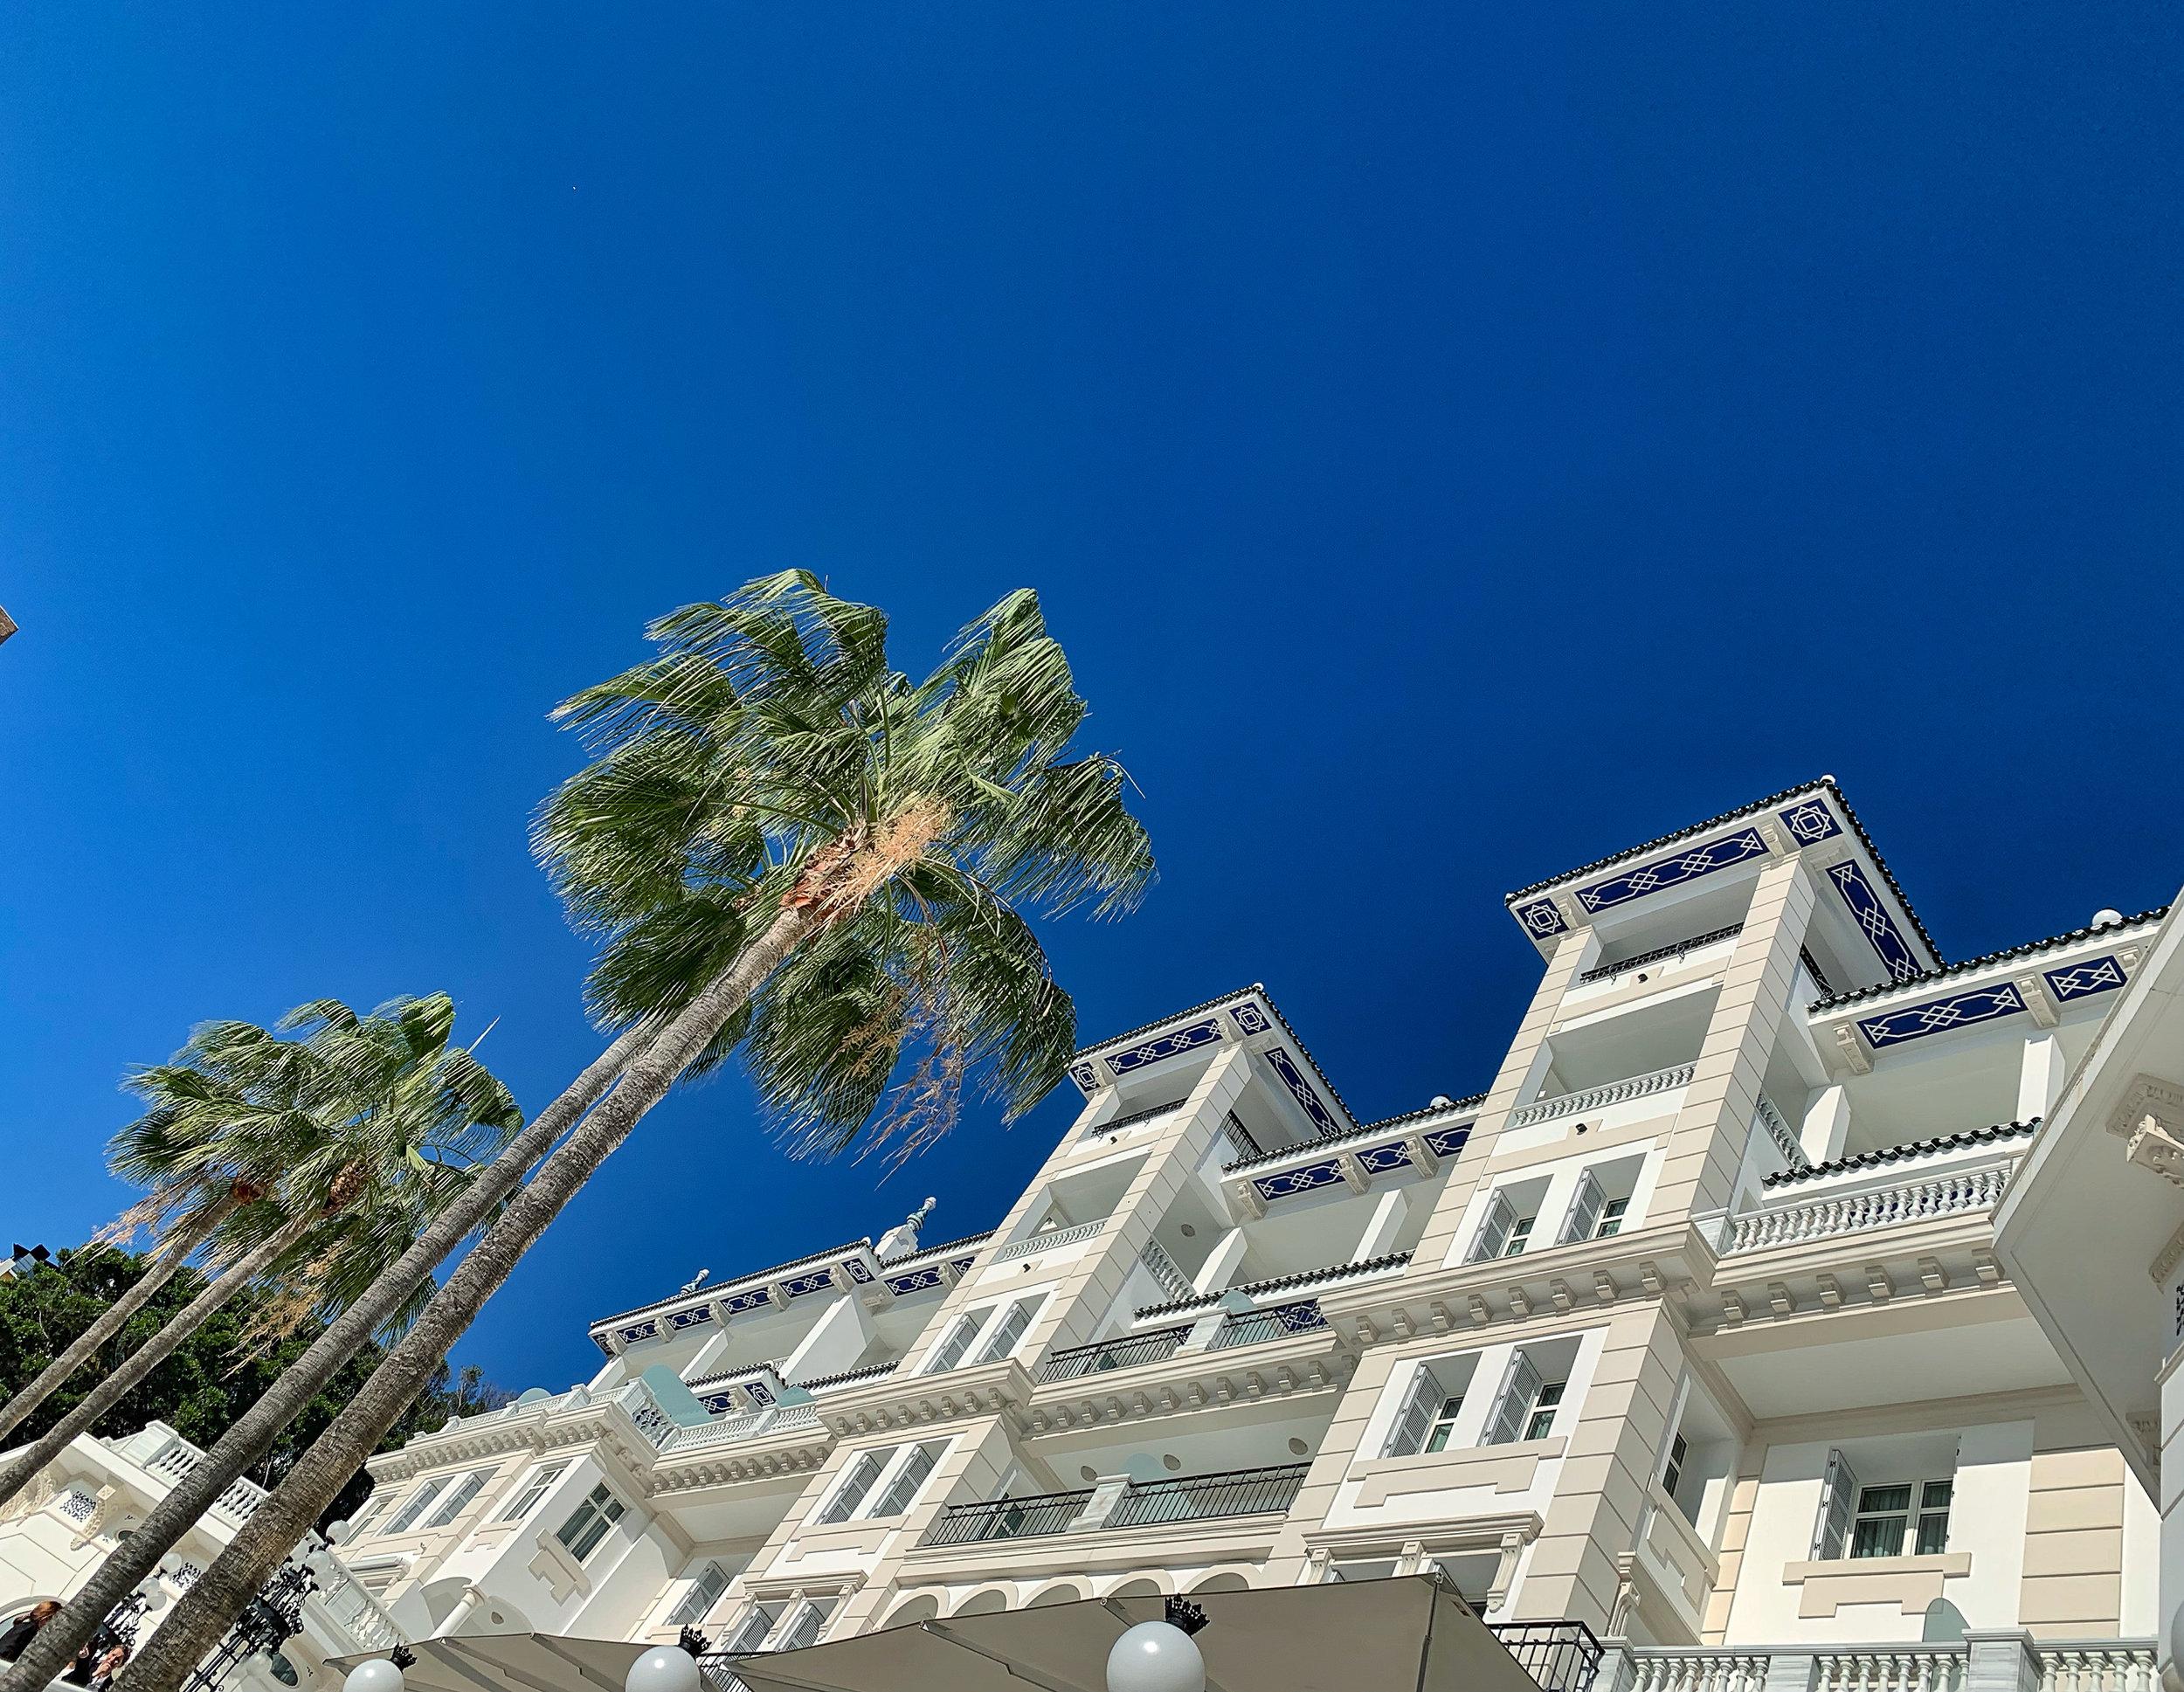 Malaga - Grand Hotel Miramar